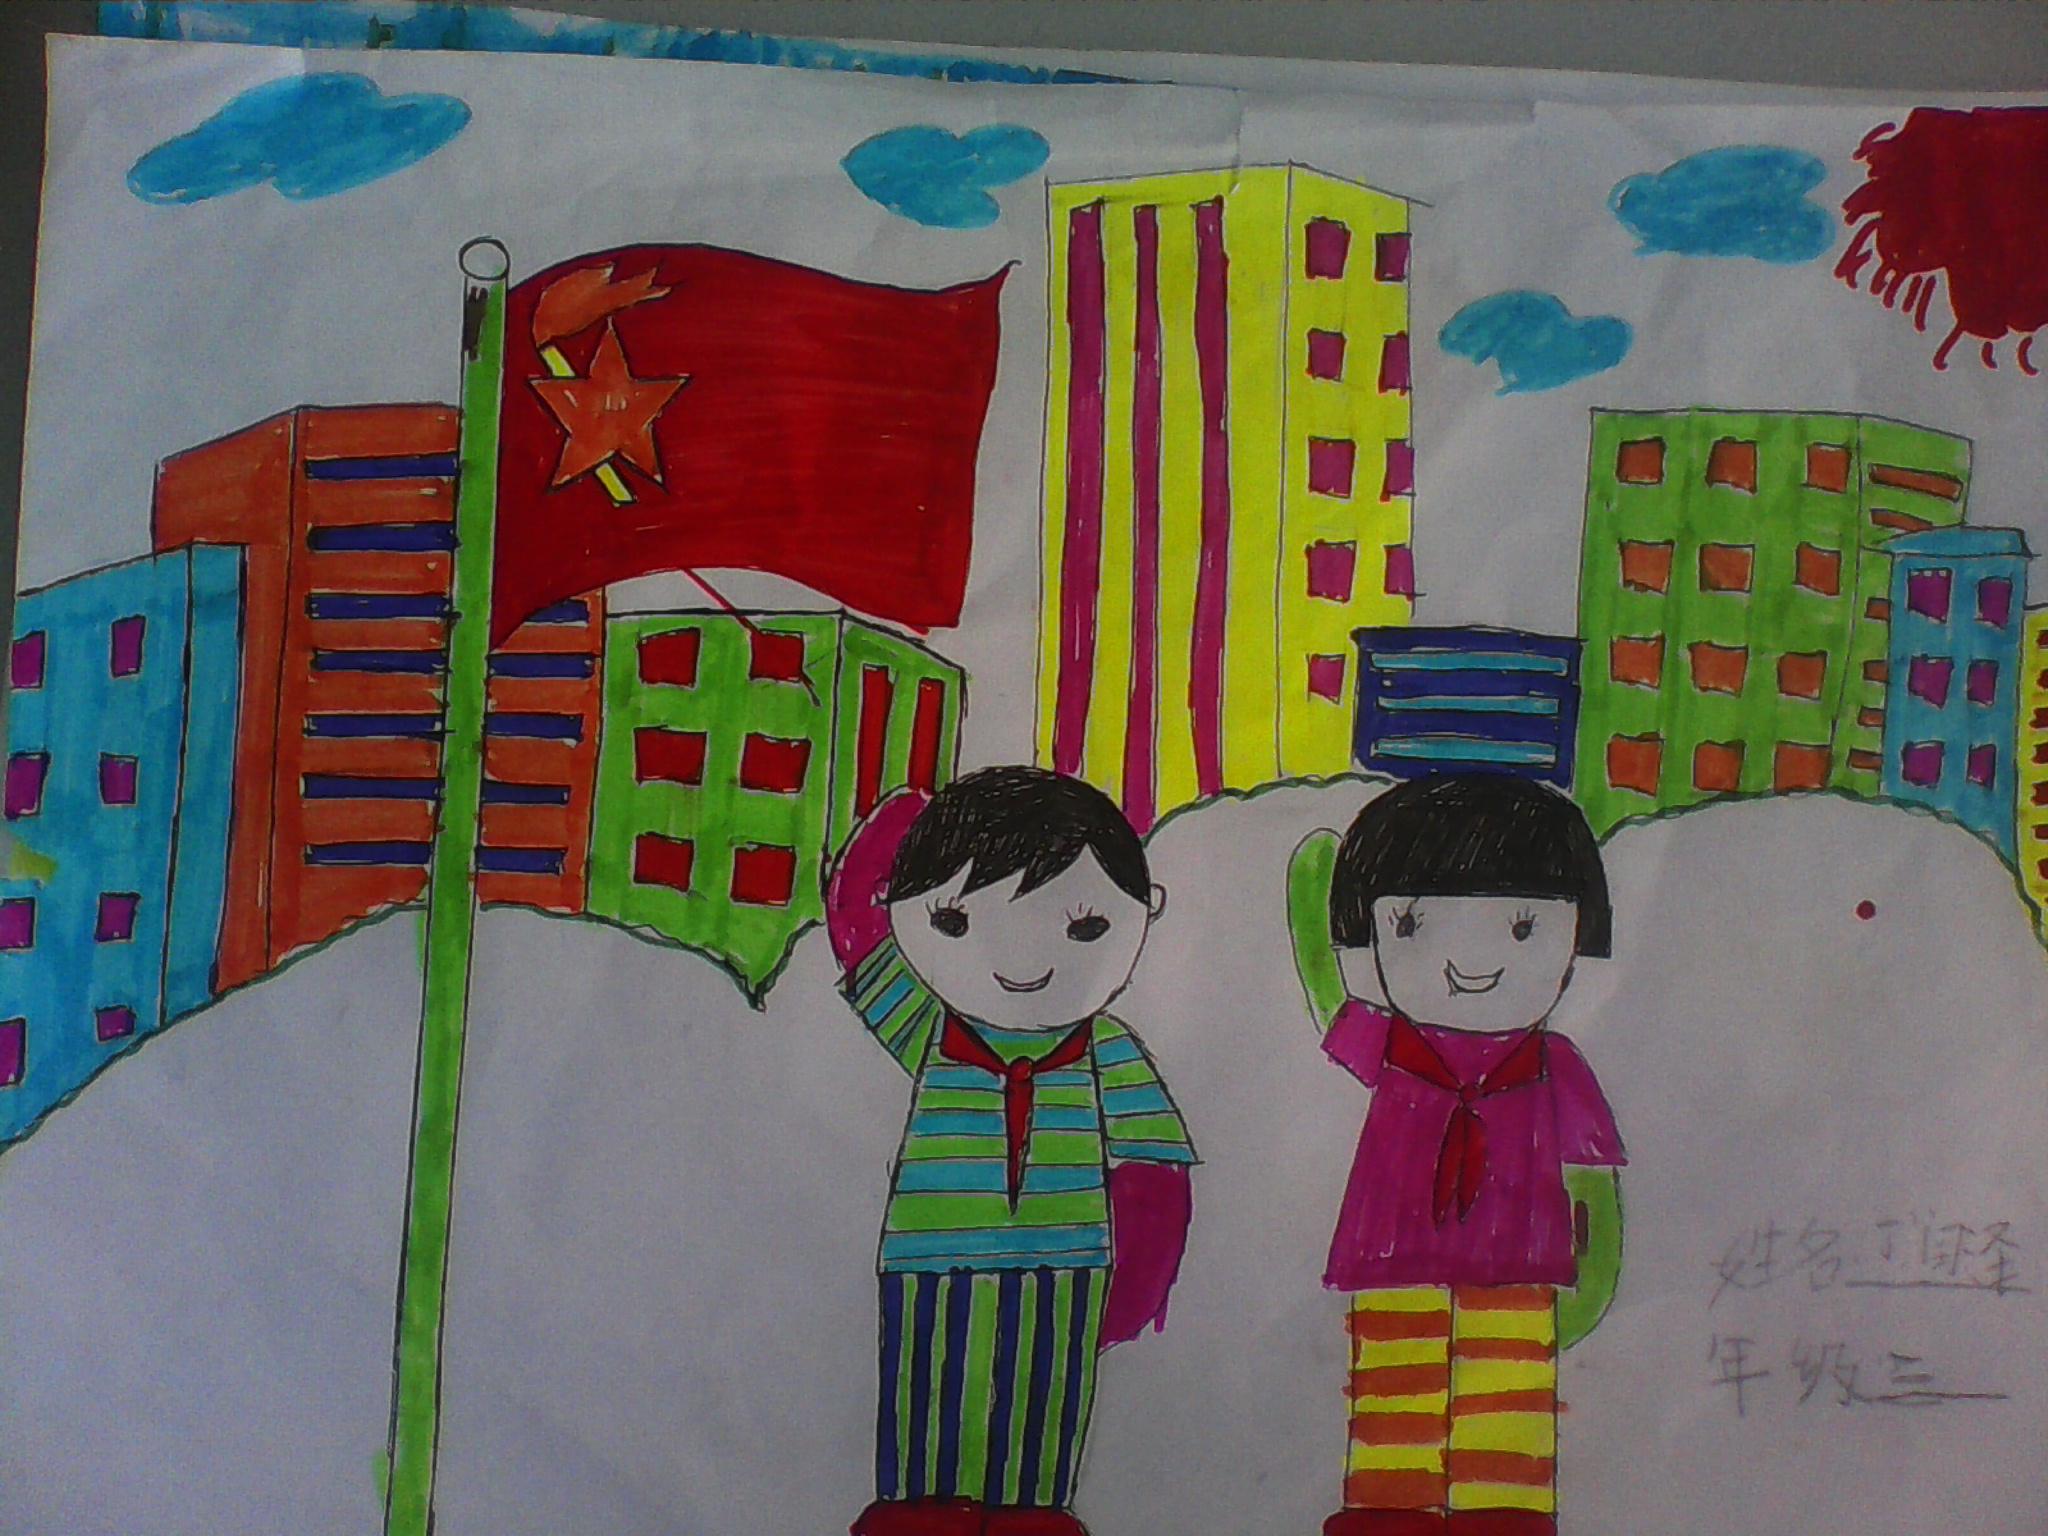 鲁能莱芜希望小学建队日活动之绘画比赛